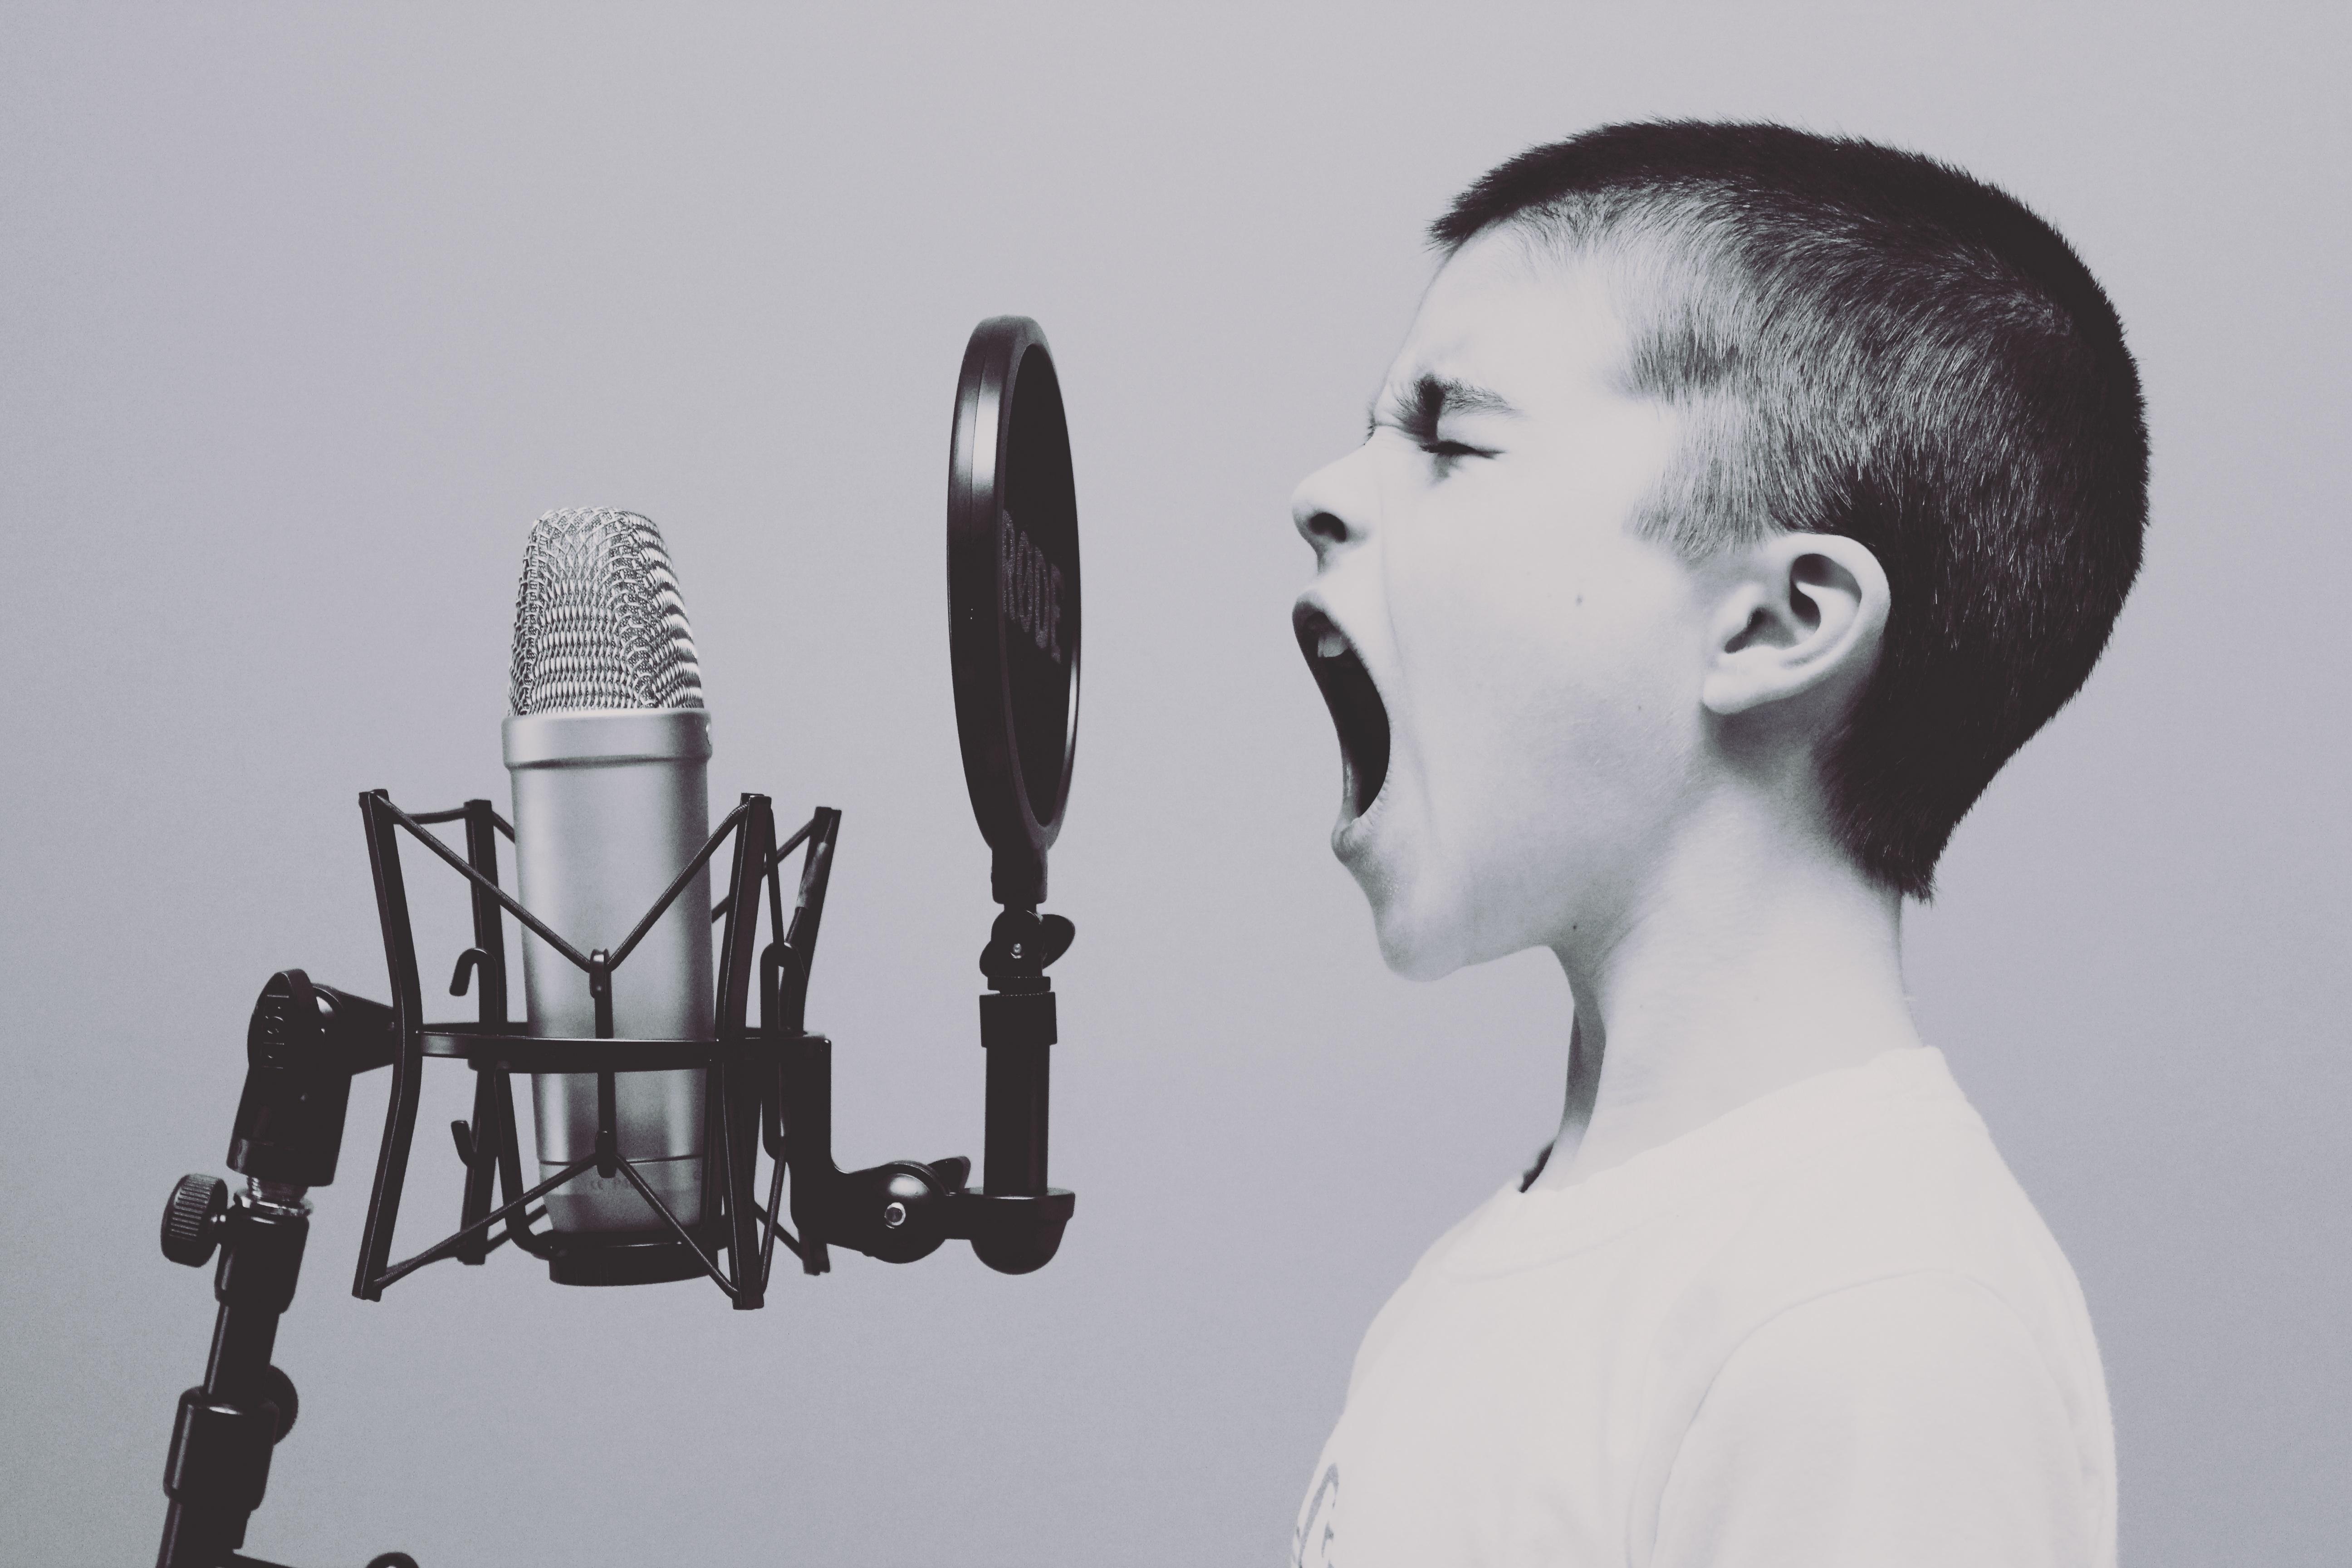 アレルギーやキレる子供、食品添加物が原因?